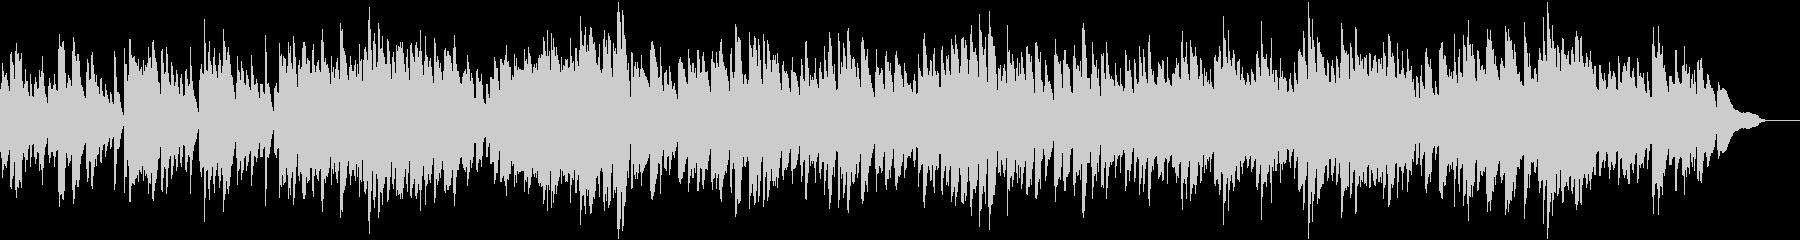 バッハ_インヴェンション第7番_ピアノの未再生の波形